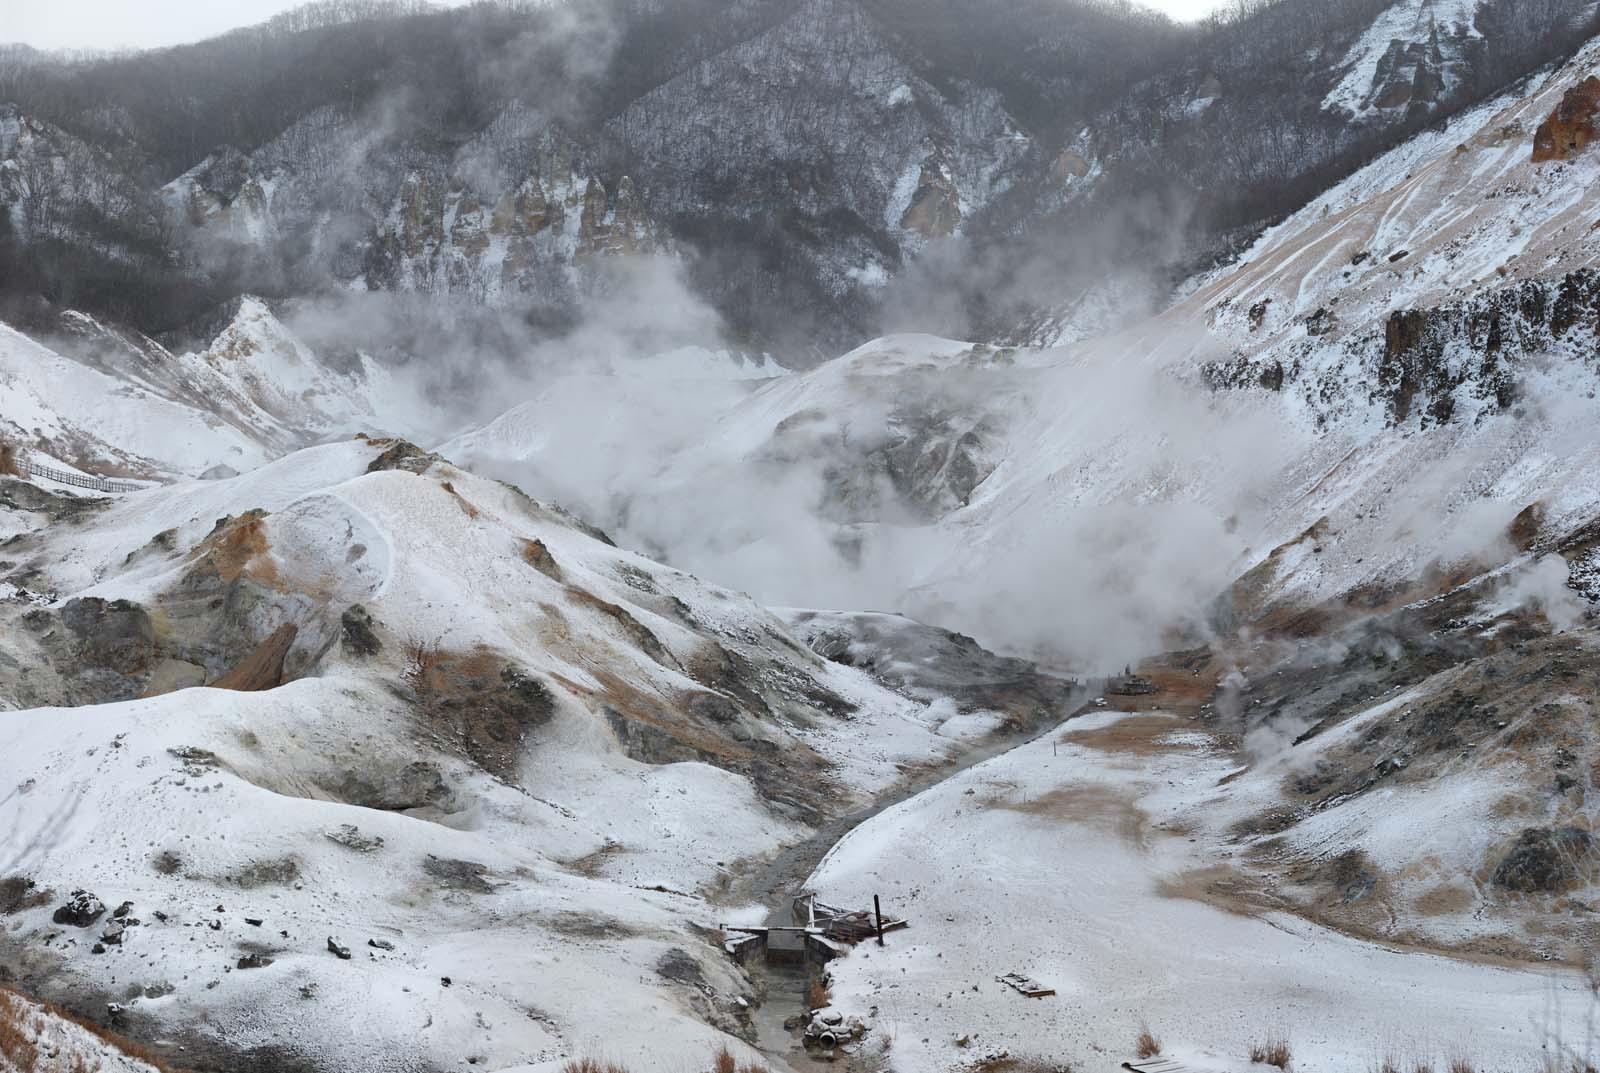 fotografia, material, livra, ajardine, imagine, proveja fotografia,Noboribetsu Onsen vale de inferno, fonte termal, Enxofre, Calor terrestre, vulcão